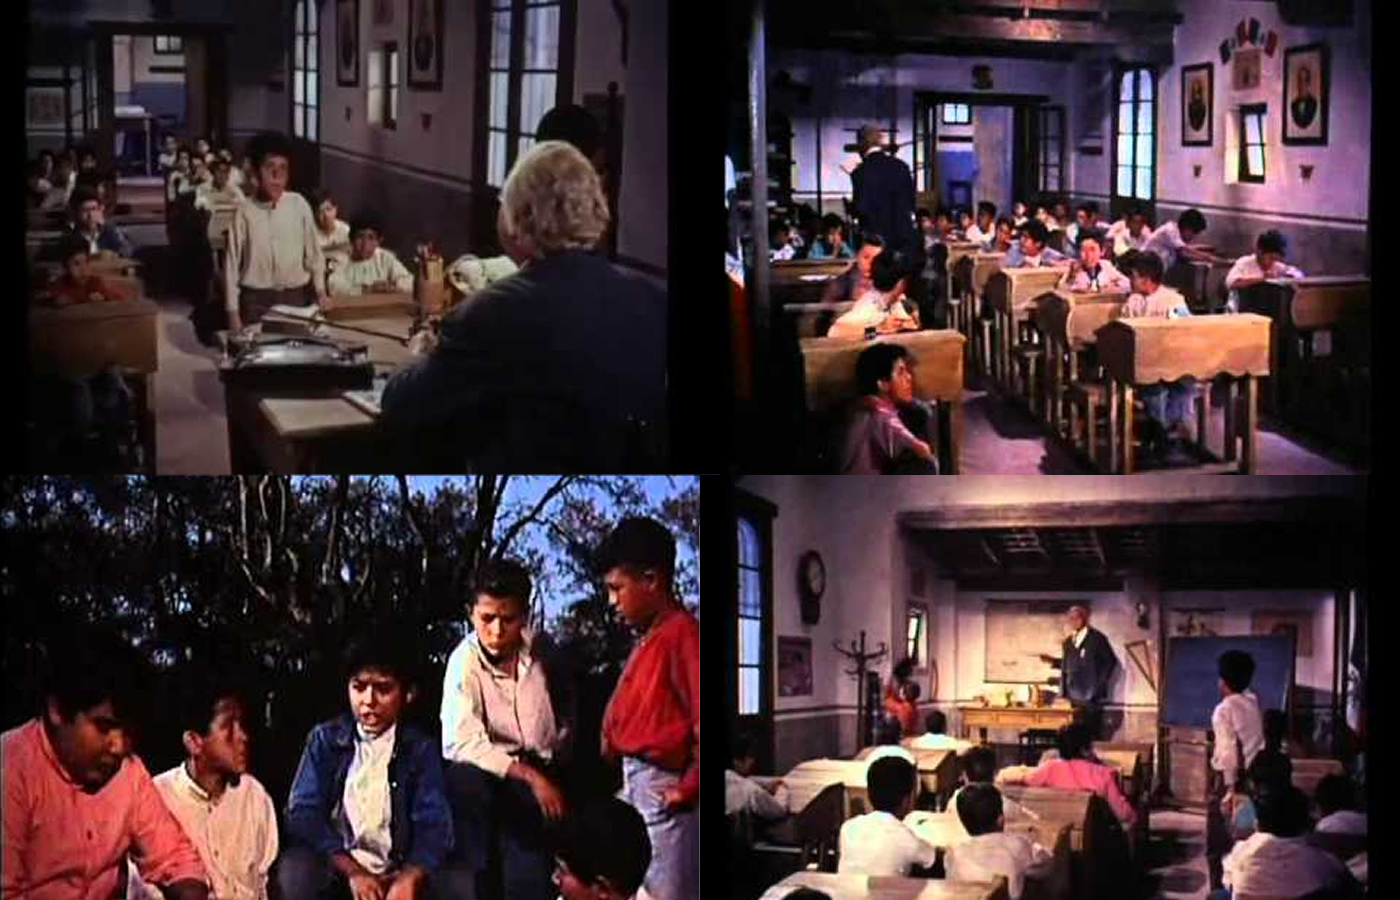 Composição com quatro fotogramas do filme